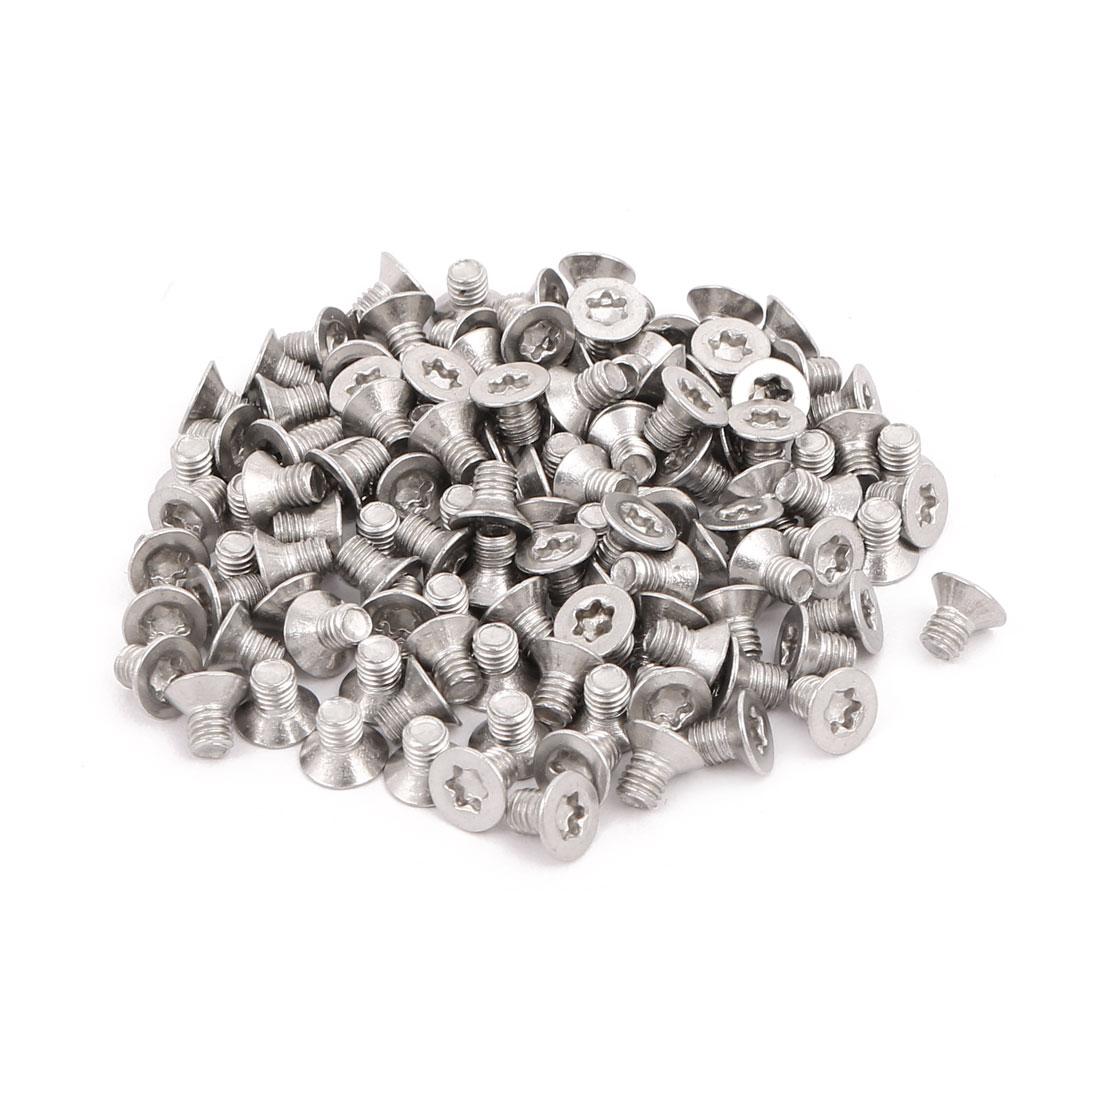 M3x4mm 304 Stainless Steel Fully Thread Flat Head Torx Screws Fasteners 120pcs